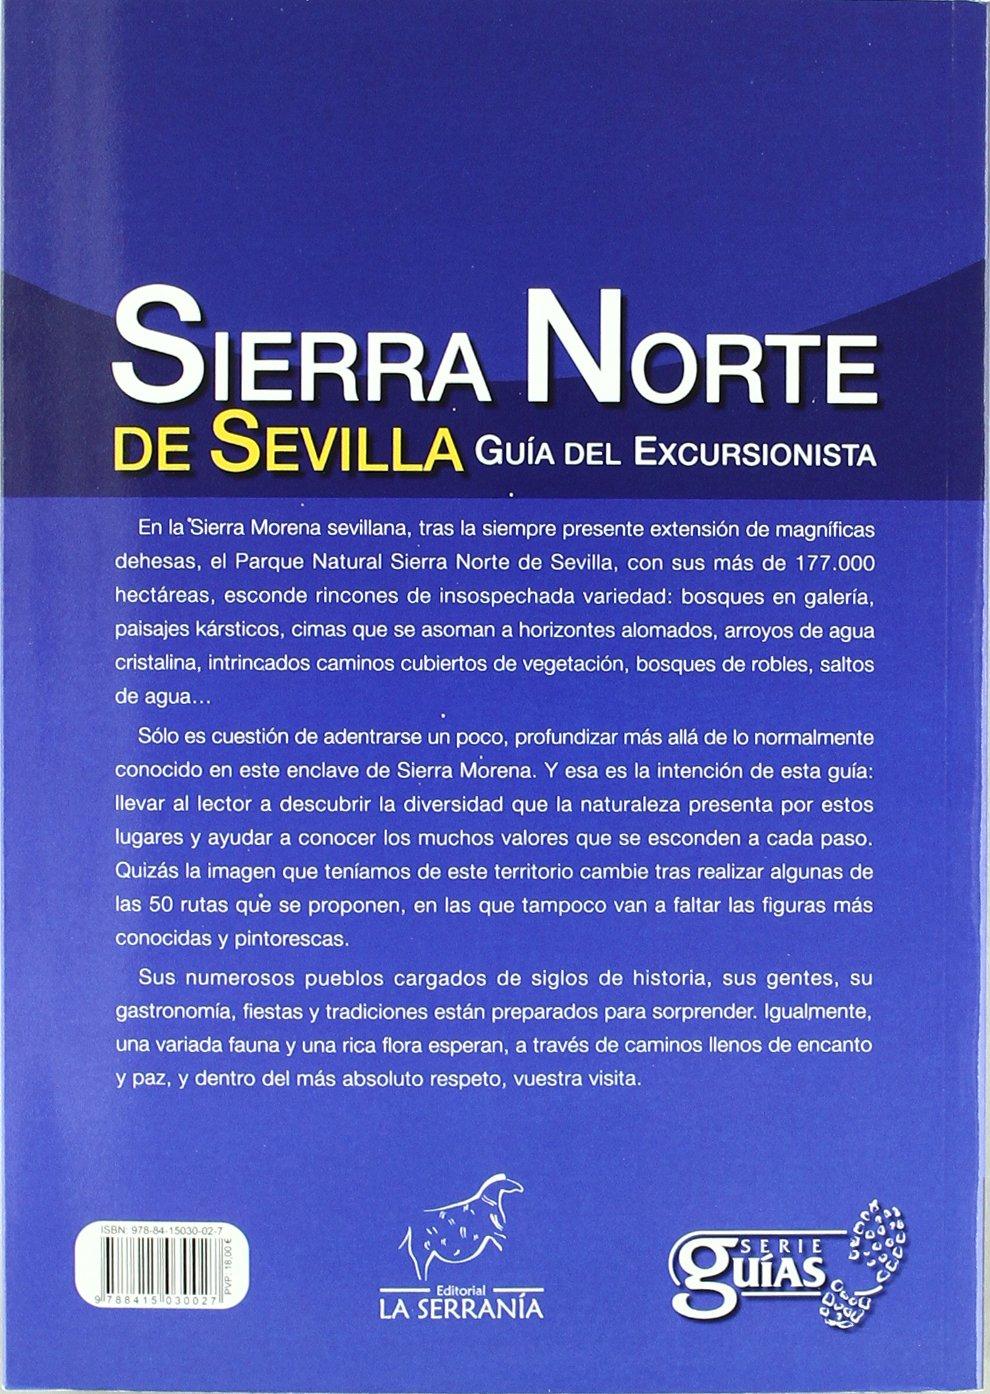 Sierra Norte de Sevilla: Guía del excursionista Serie Guías: Amazon.es: José Luis Cuenca Díaz, Alfonso García Veiga: Libros